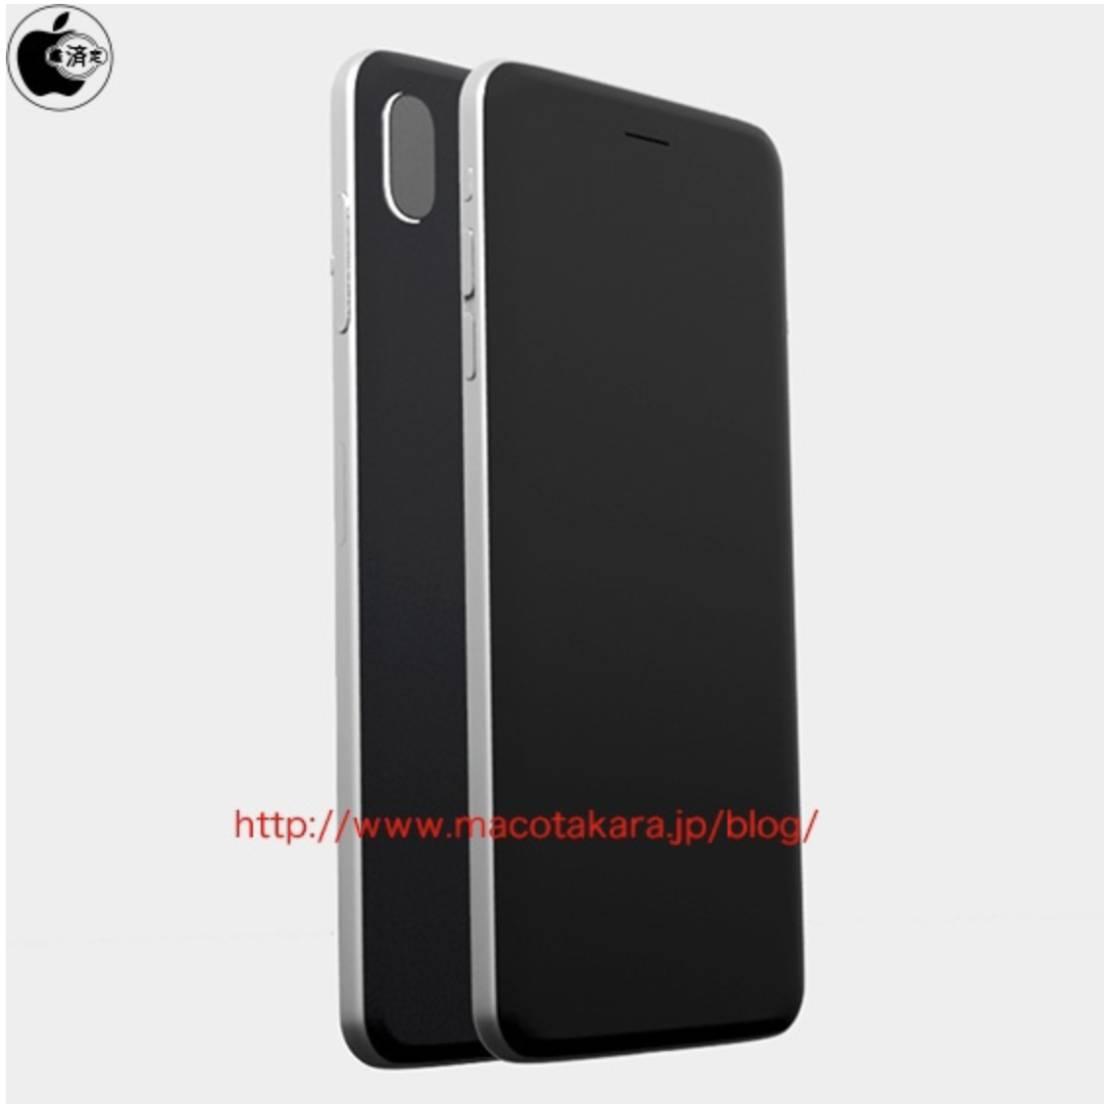 iphone 8 1 1104x1104 iPhone Edition sarà dotato di camera verticale e frame in acciaio inossidabile?